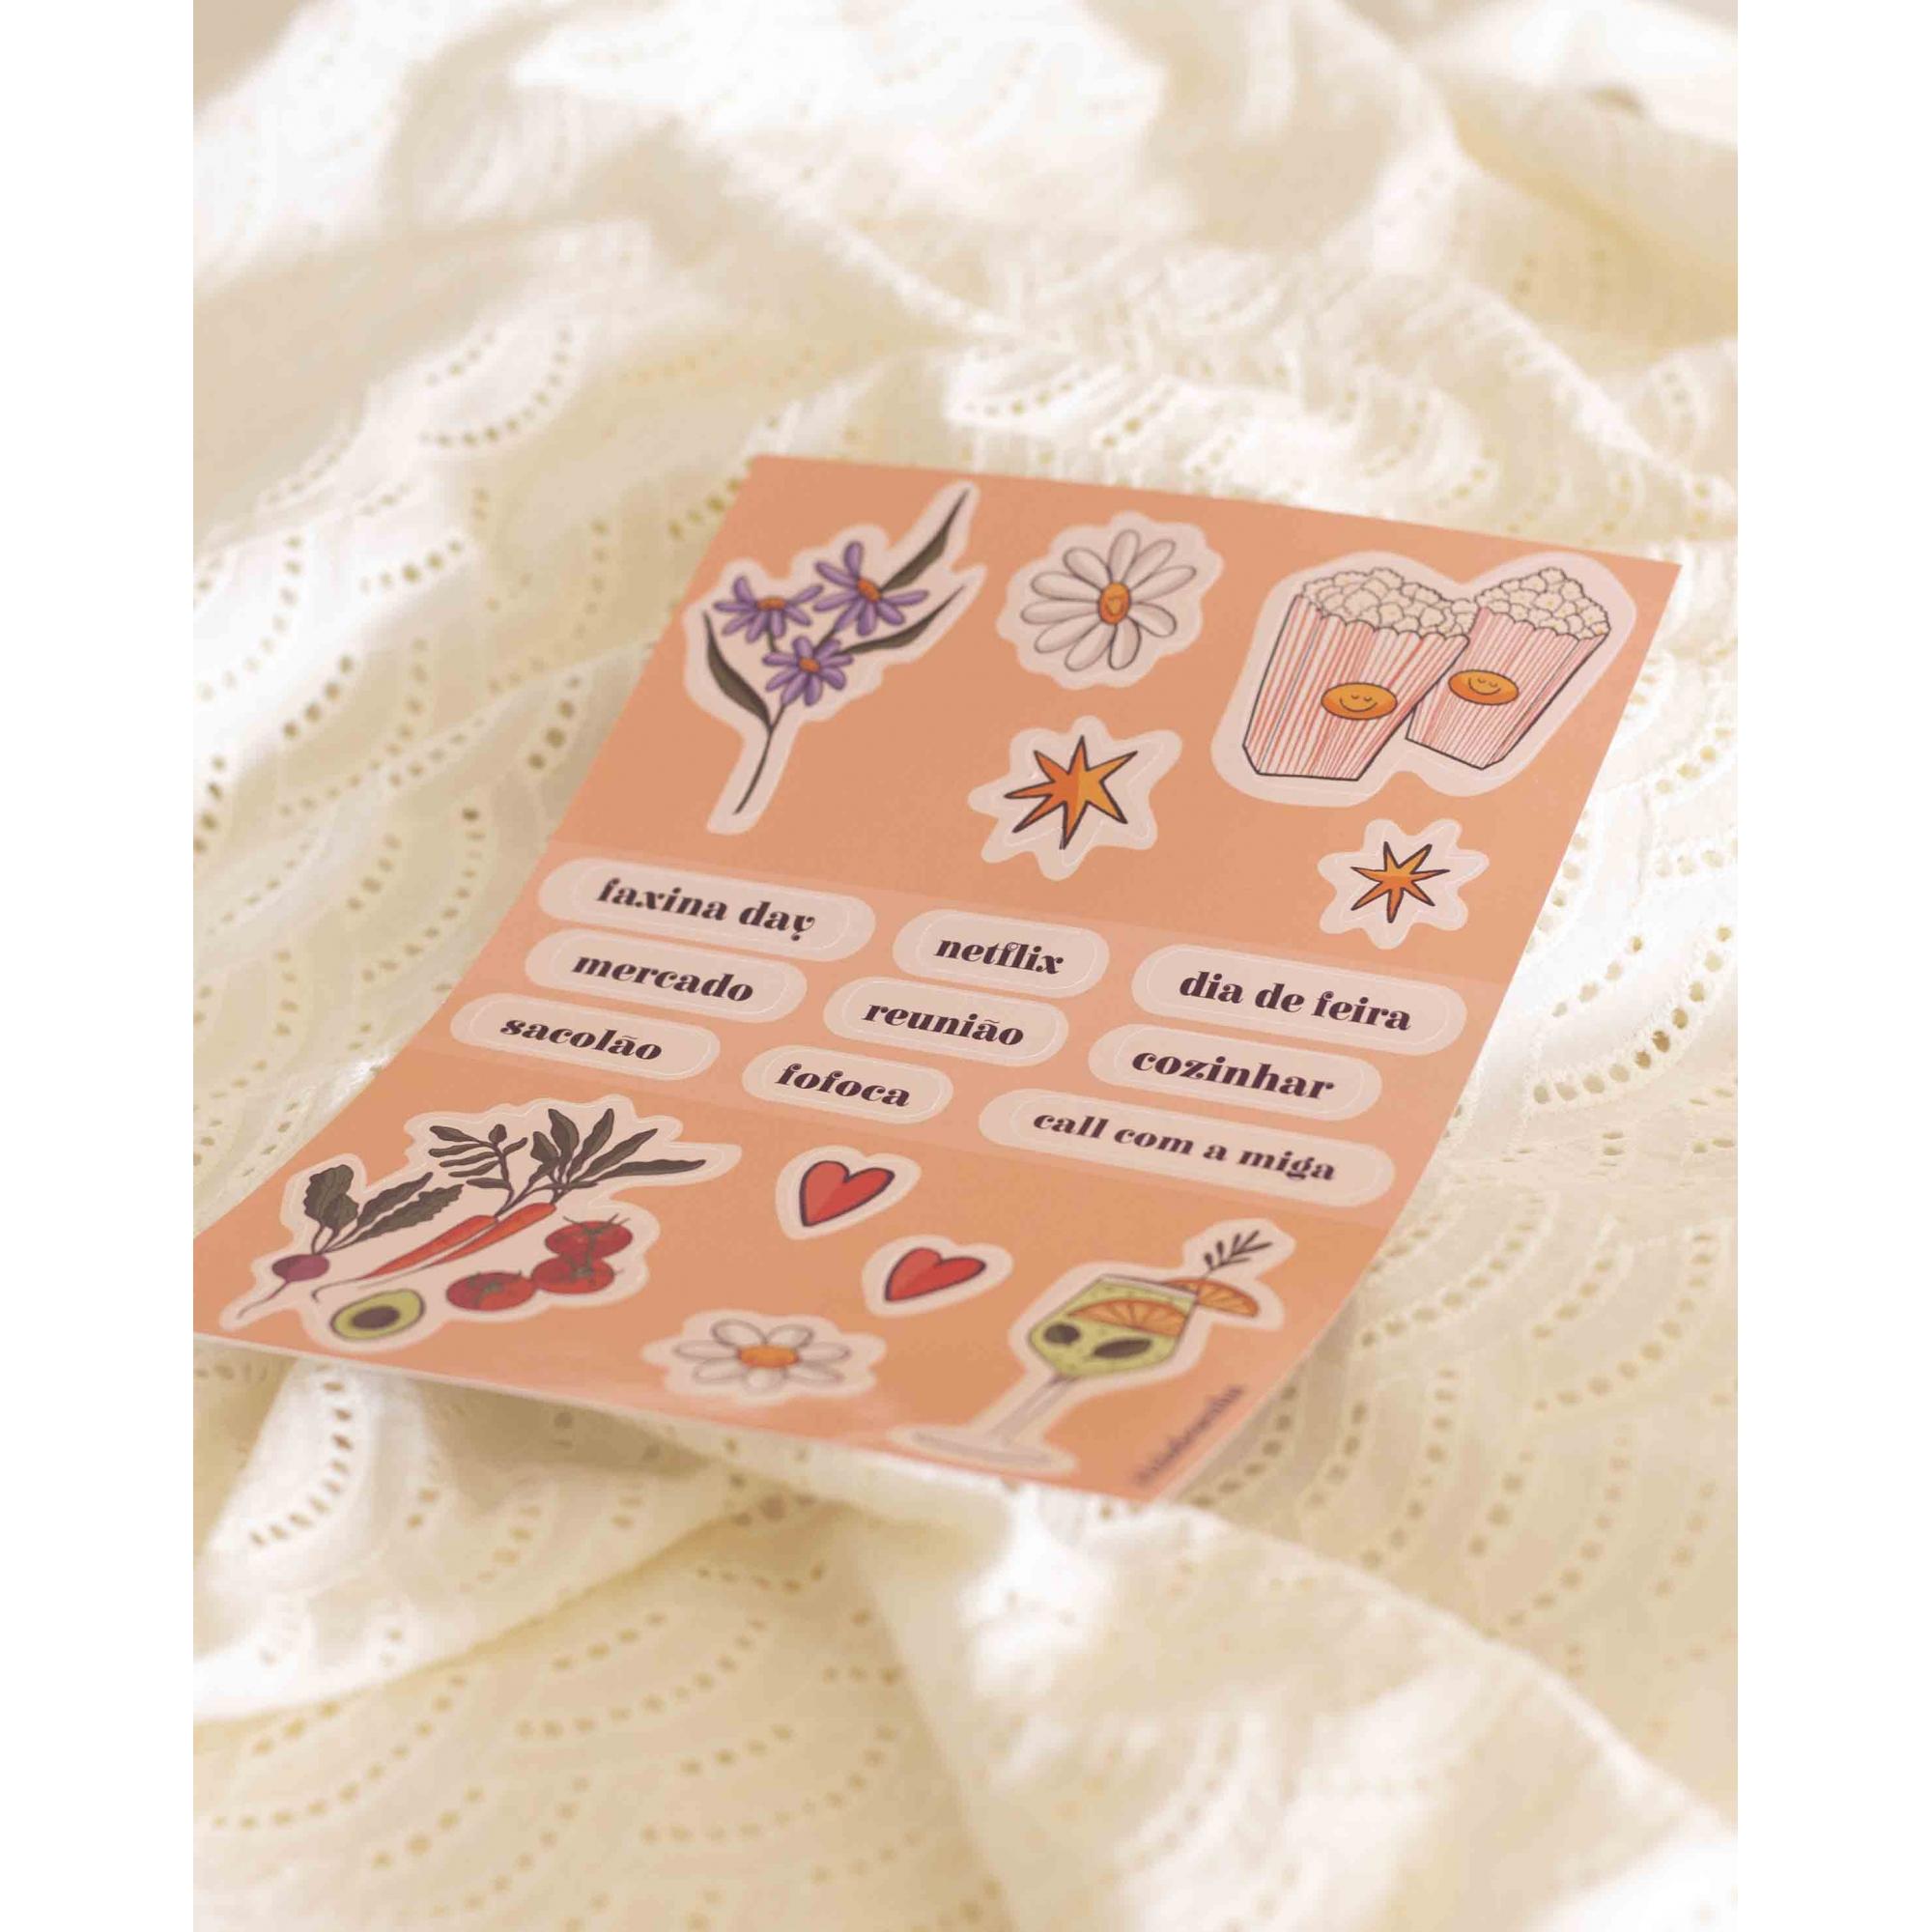 cartela de adesivos para planner